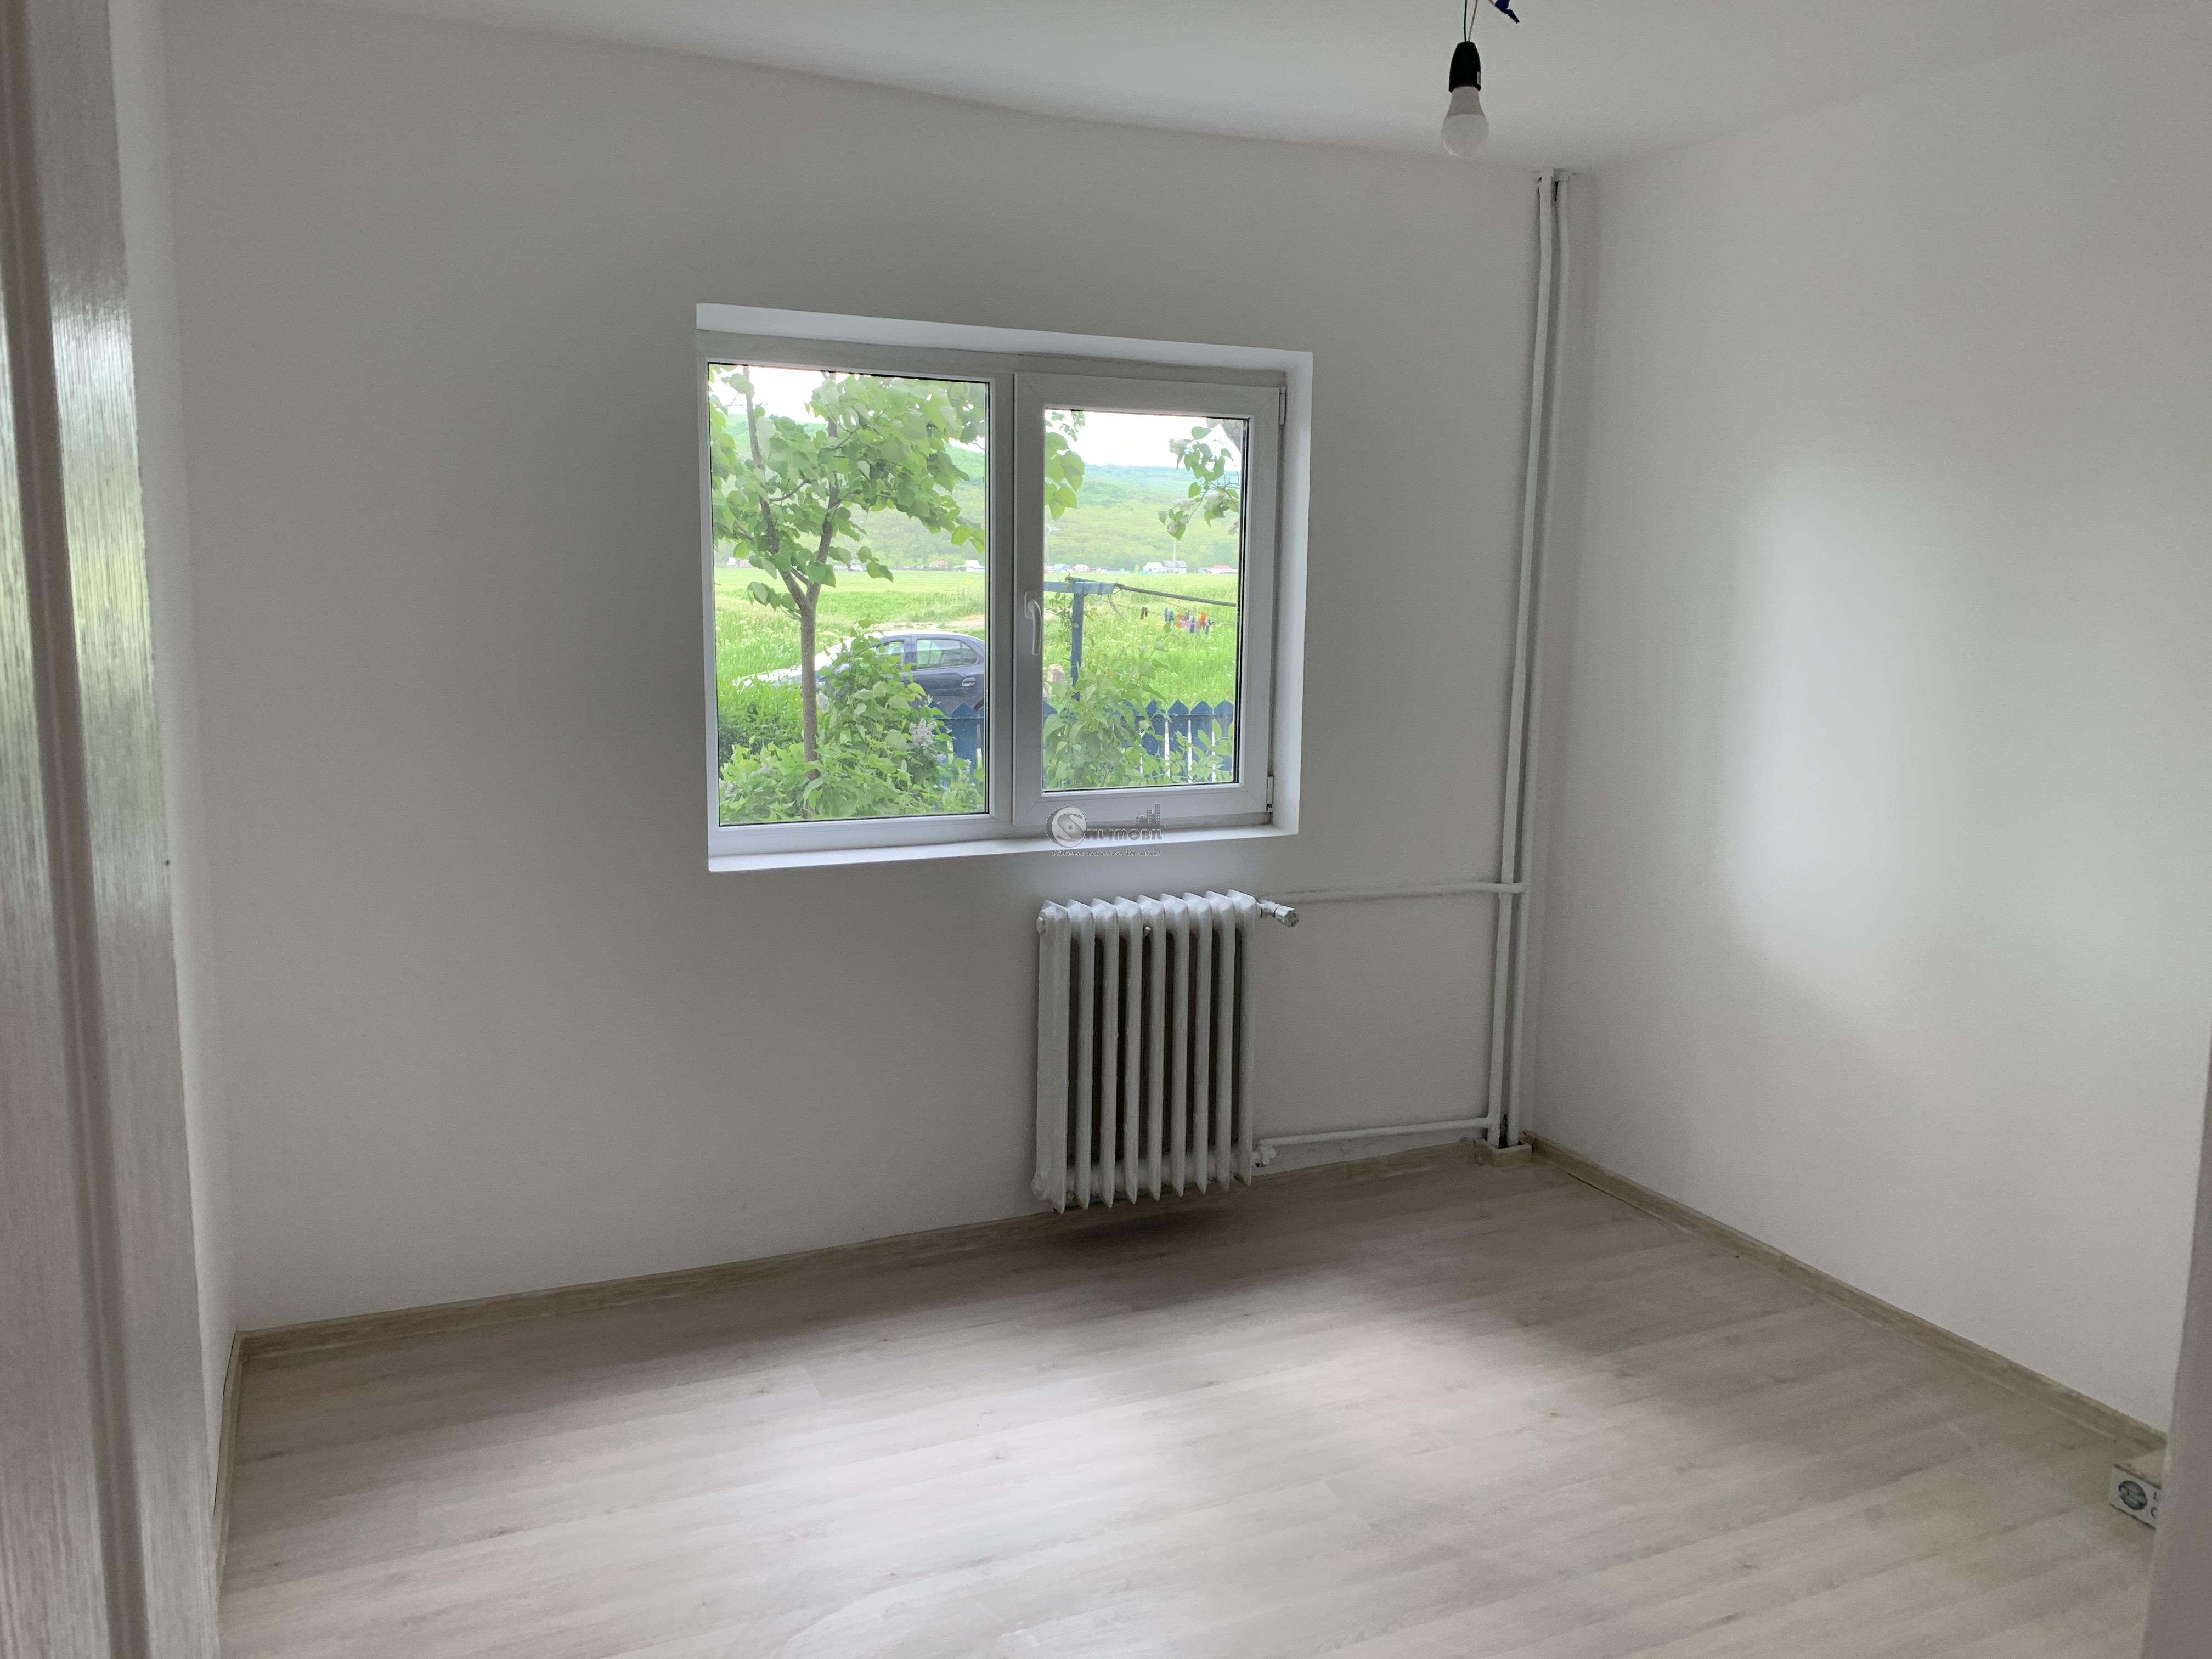 55500 euro DACIA apartament 2 c D 48mp liber renovat